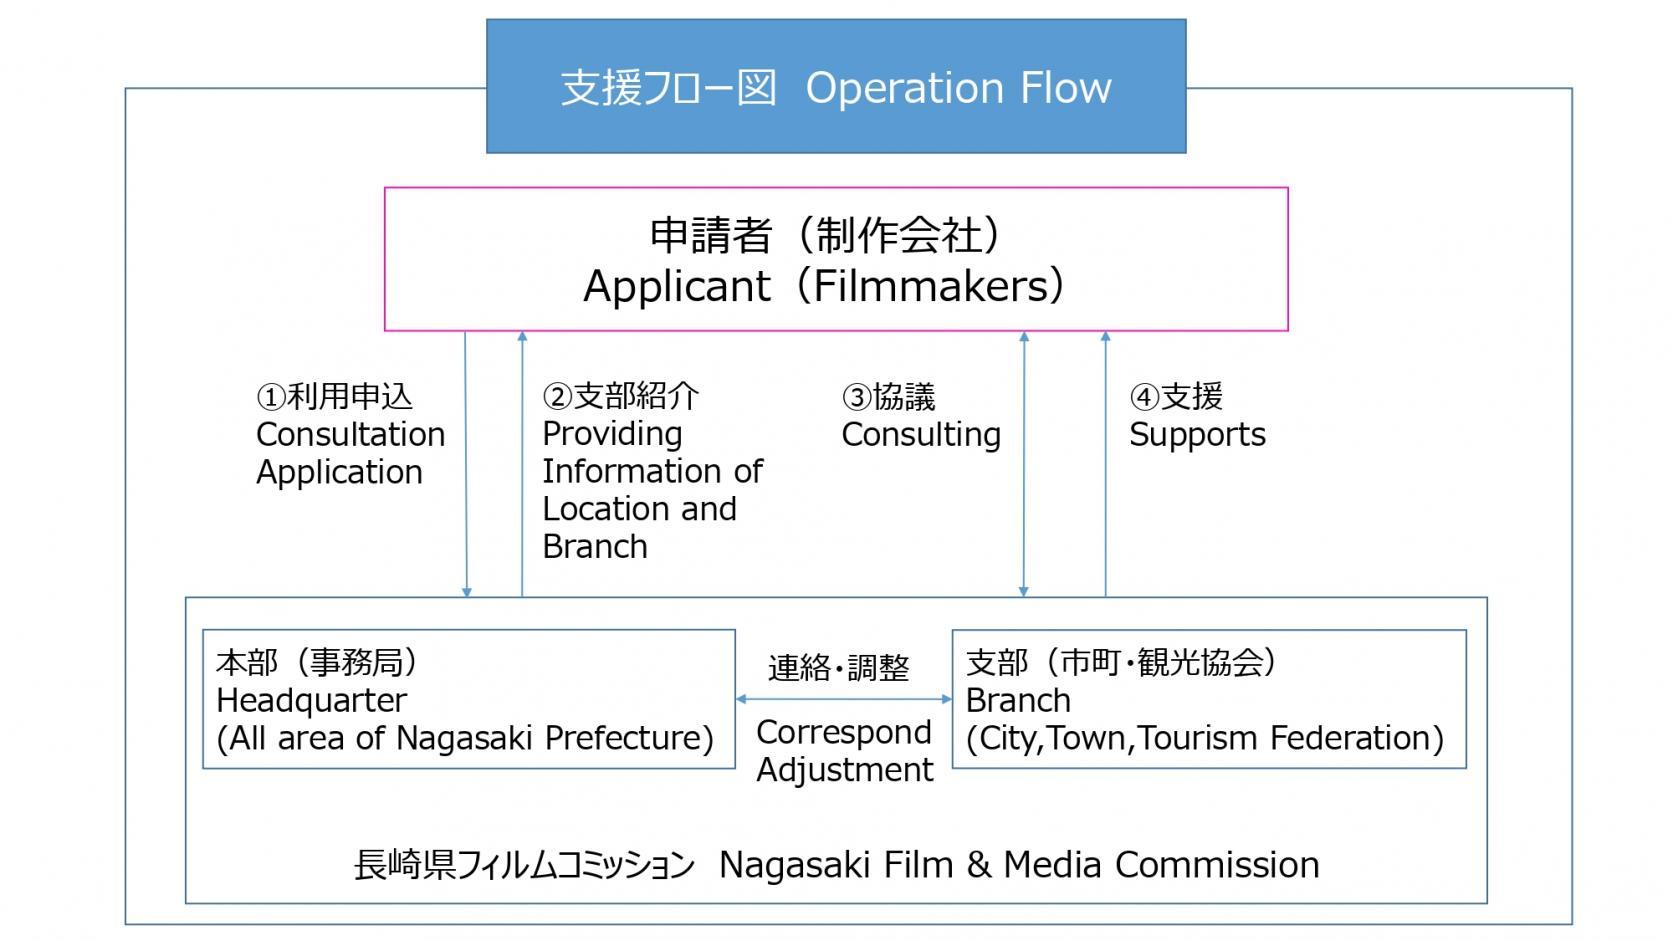 支援の流れ【Operation Flow】-0